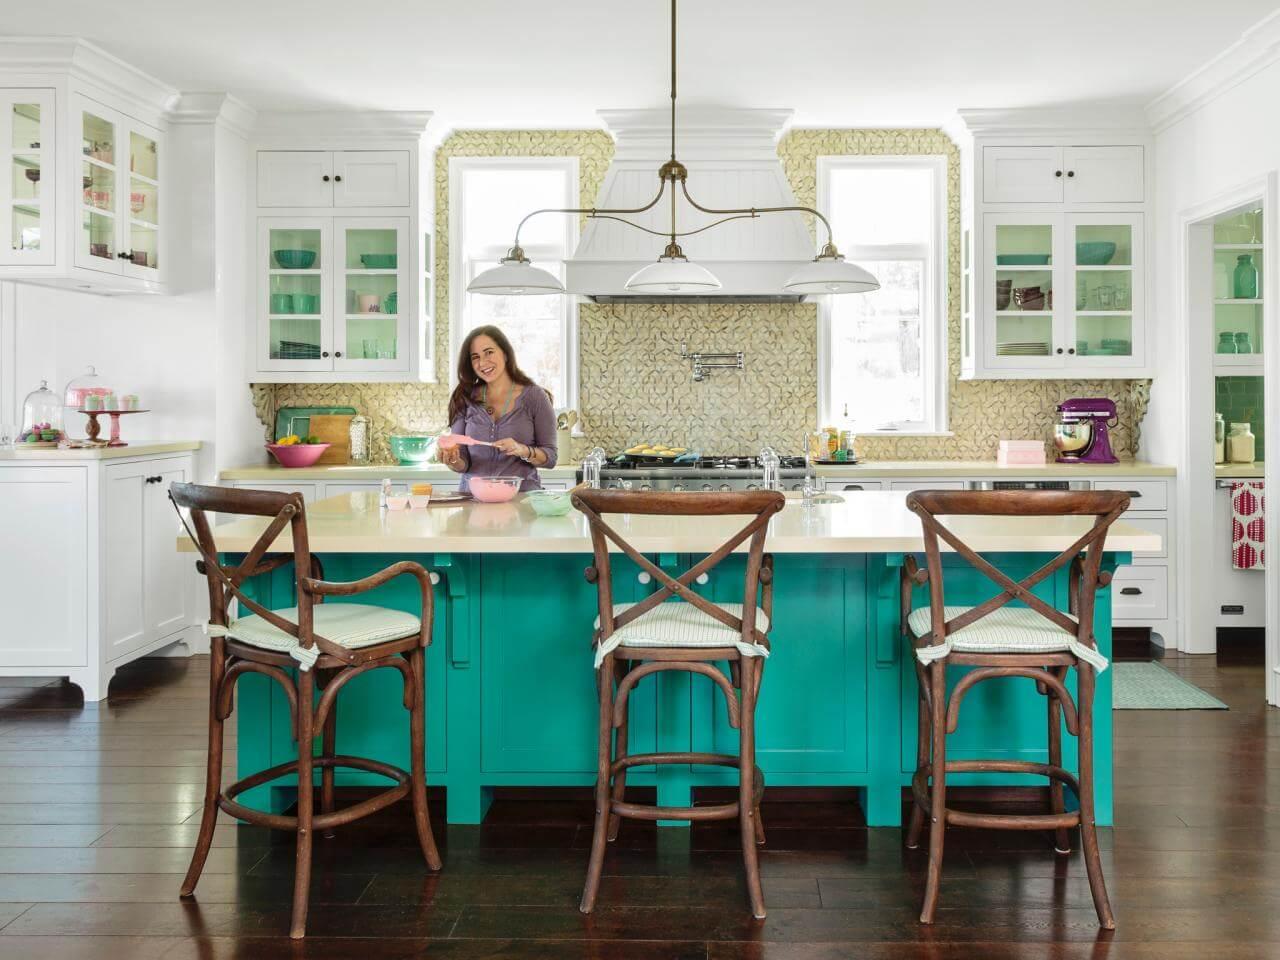 Sơn phòng bếp đẹp, với thiết kế đơn giản của phòng bếp với gam màu trắng sáng đẹp.